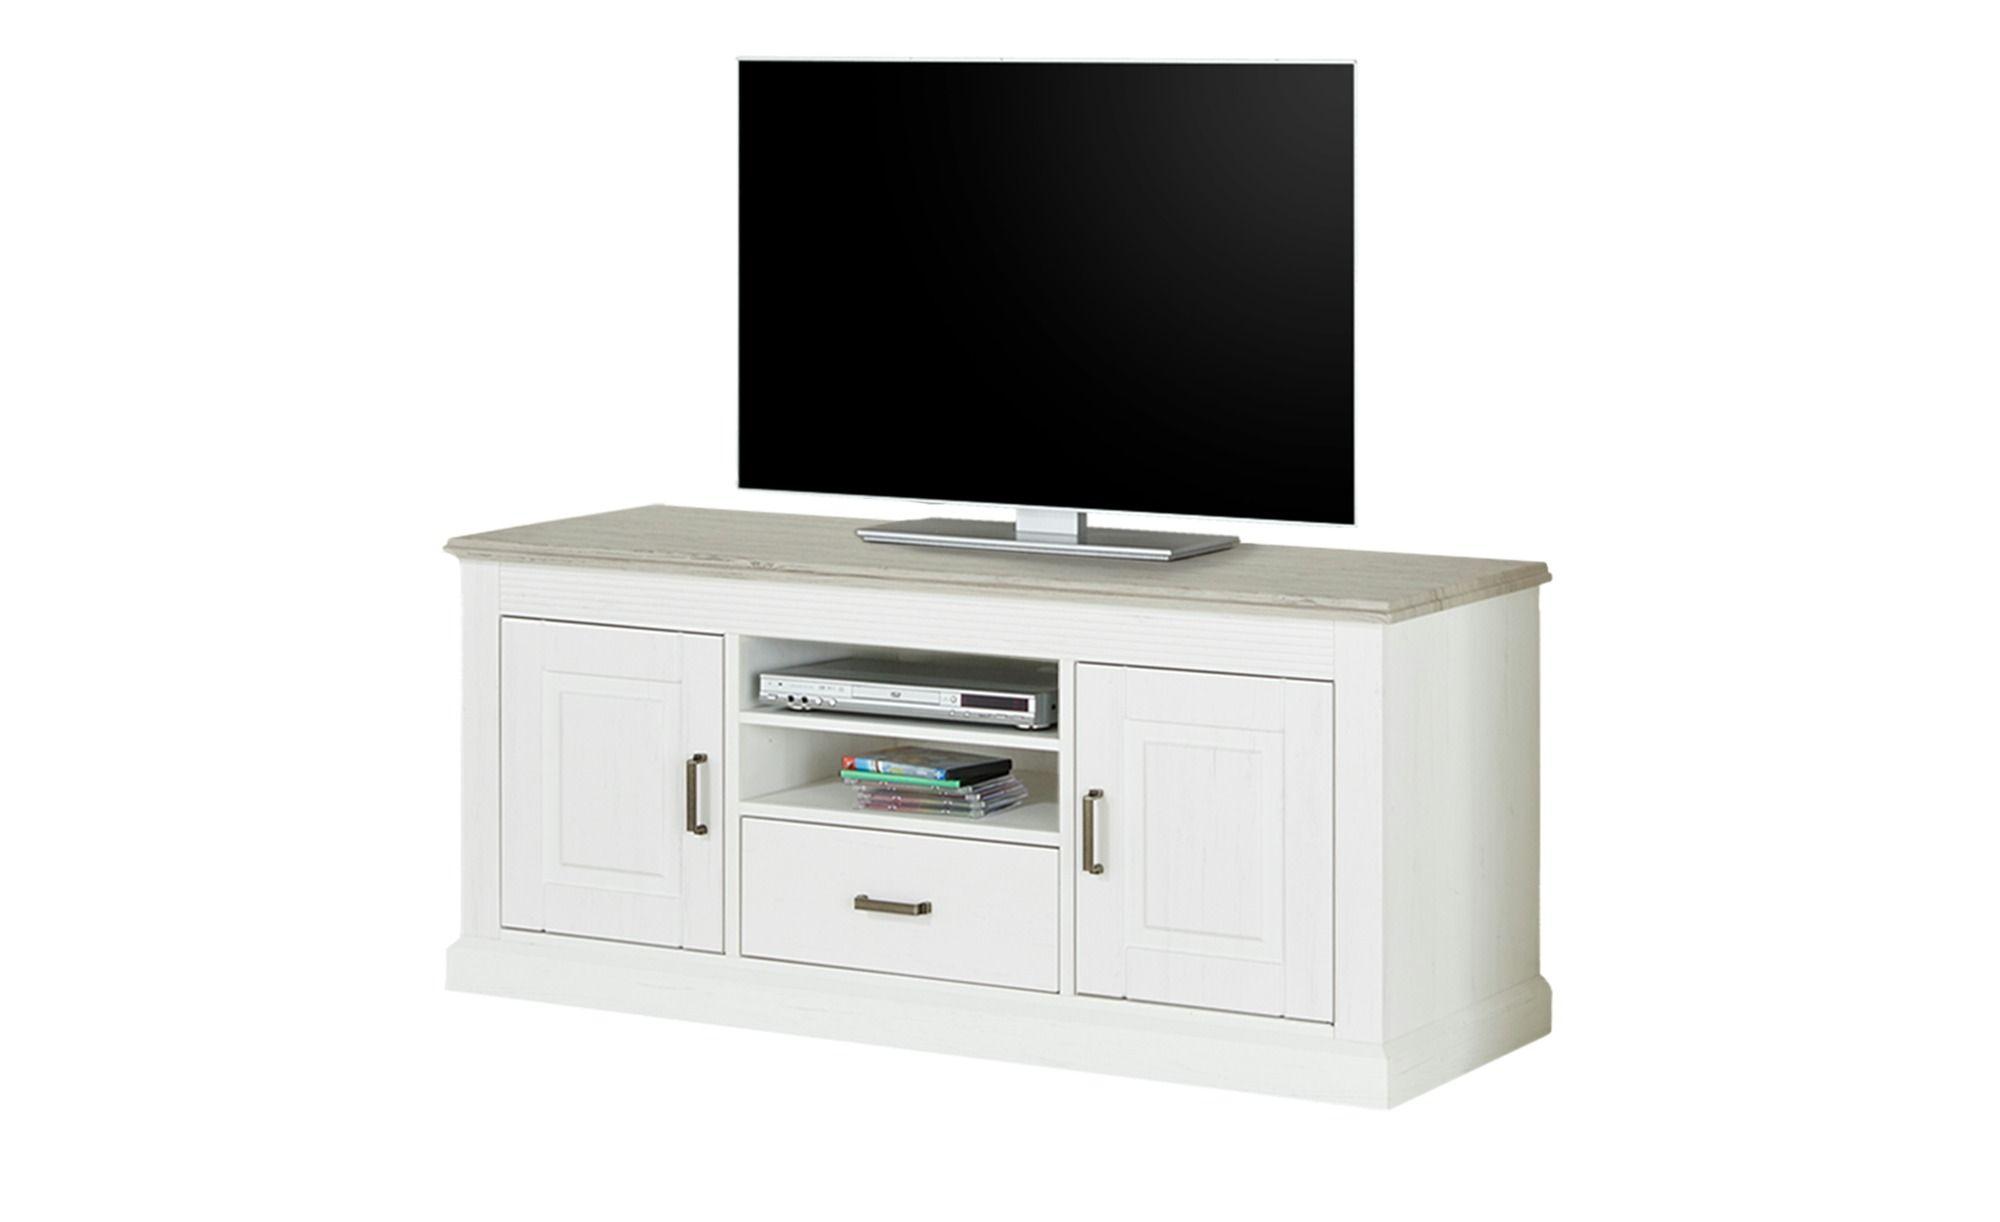 Uno Tv Lowboard Peru Weiss Masse Cm B 150 H 65 T 52 Tv